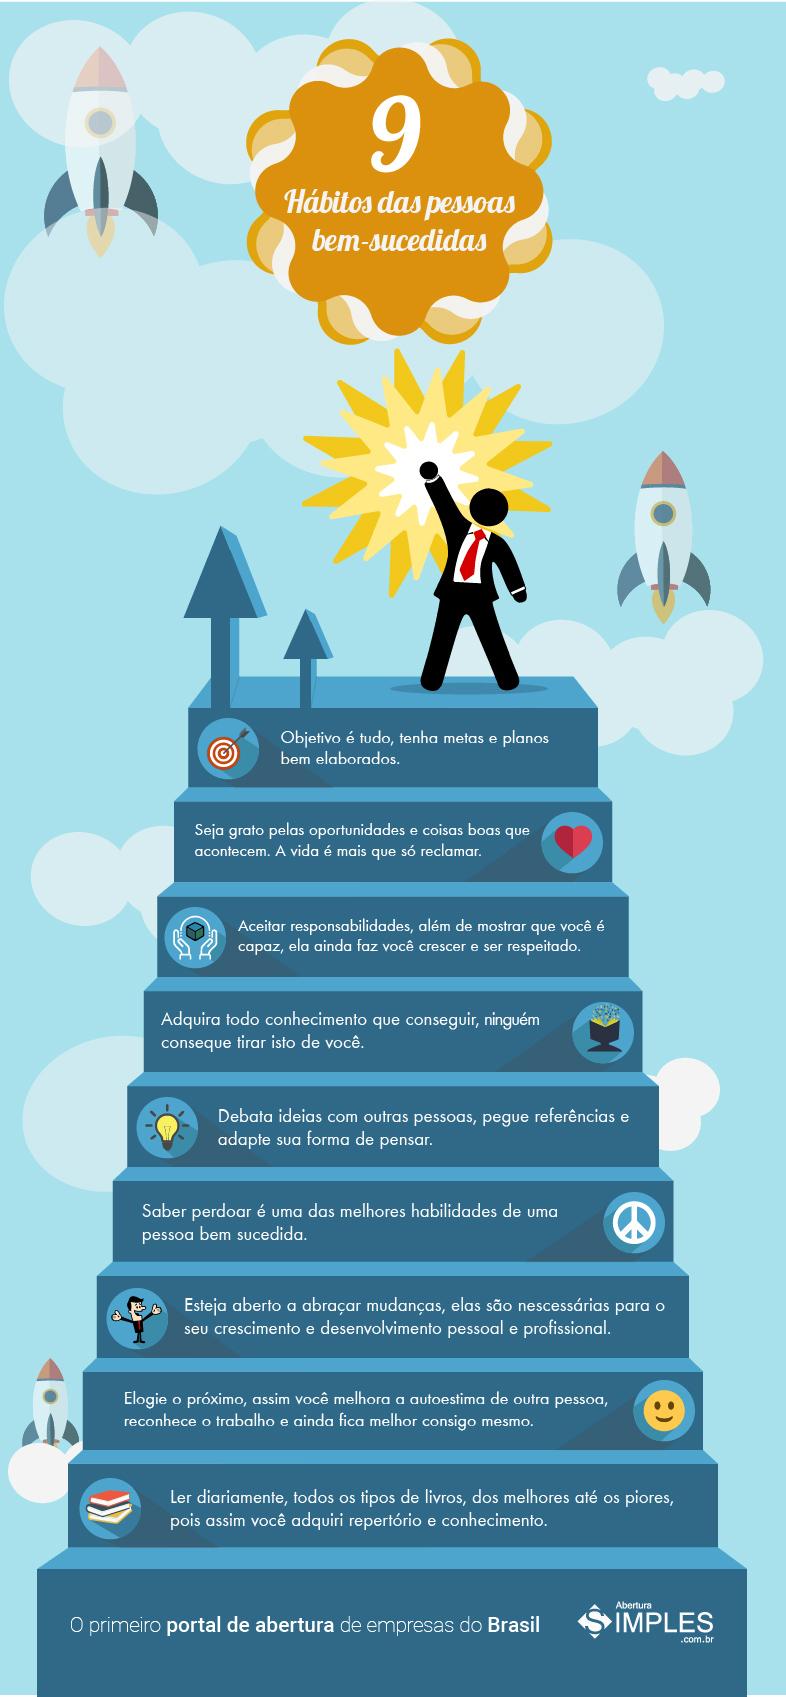 Montagem de vetor com uma escada e os 9 hábitos das pessoas bem-sucedidas